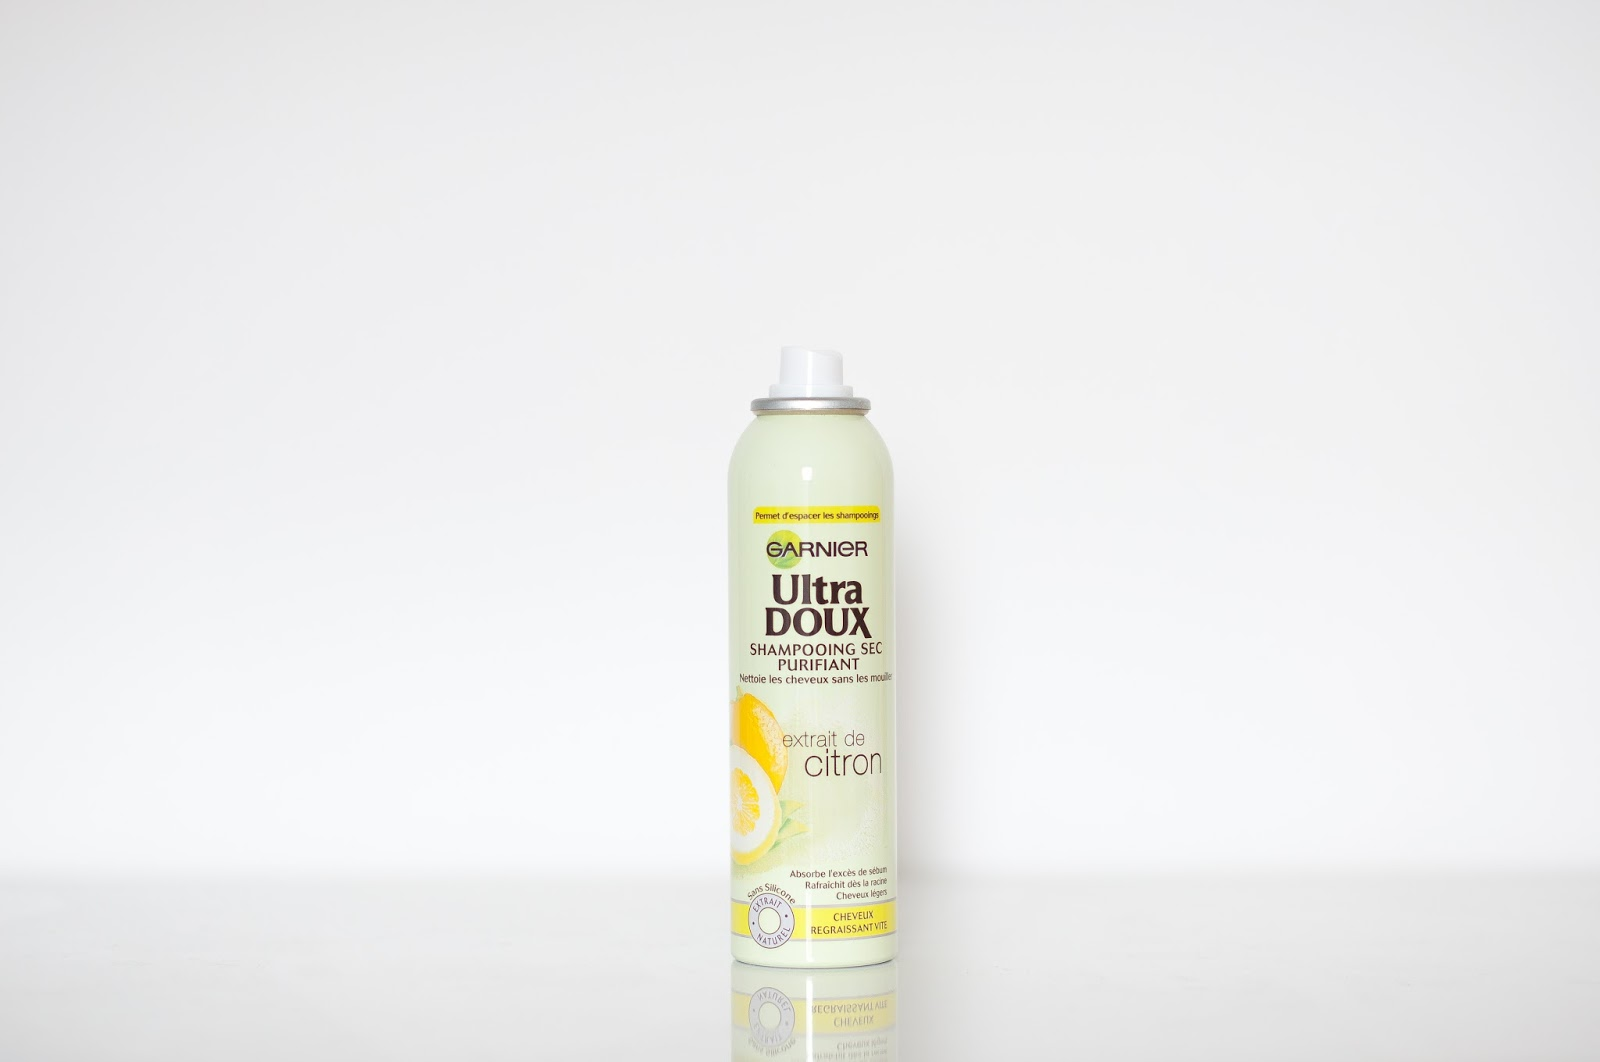 Le shampoing sec ultra doux - garnier